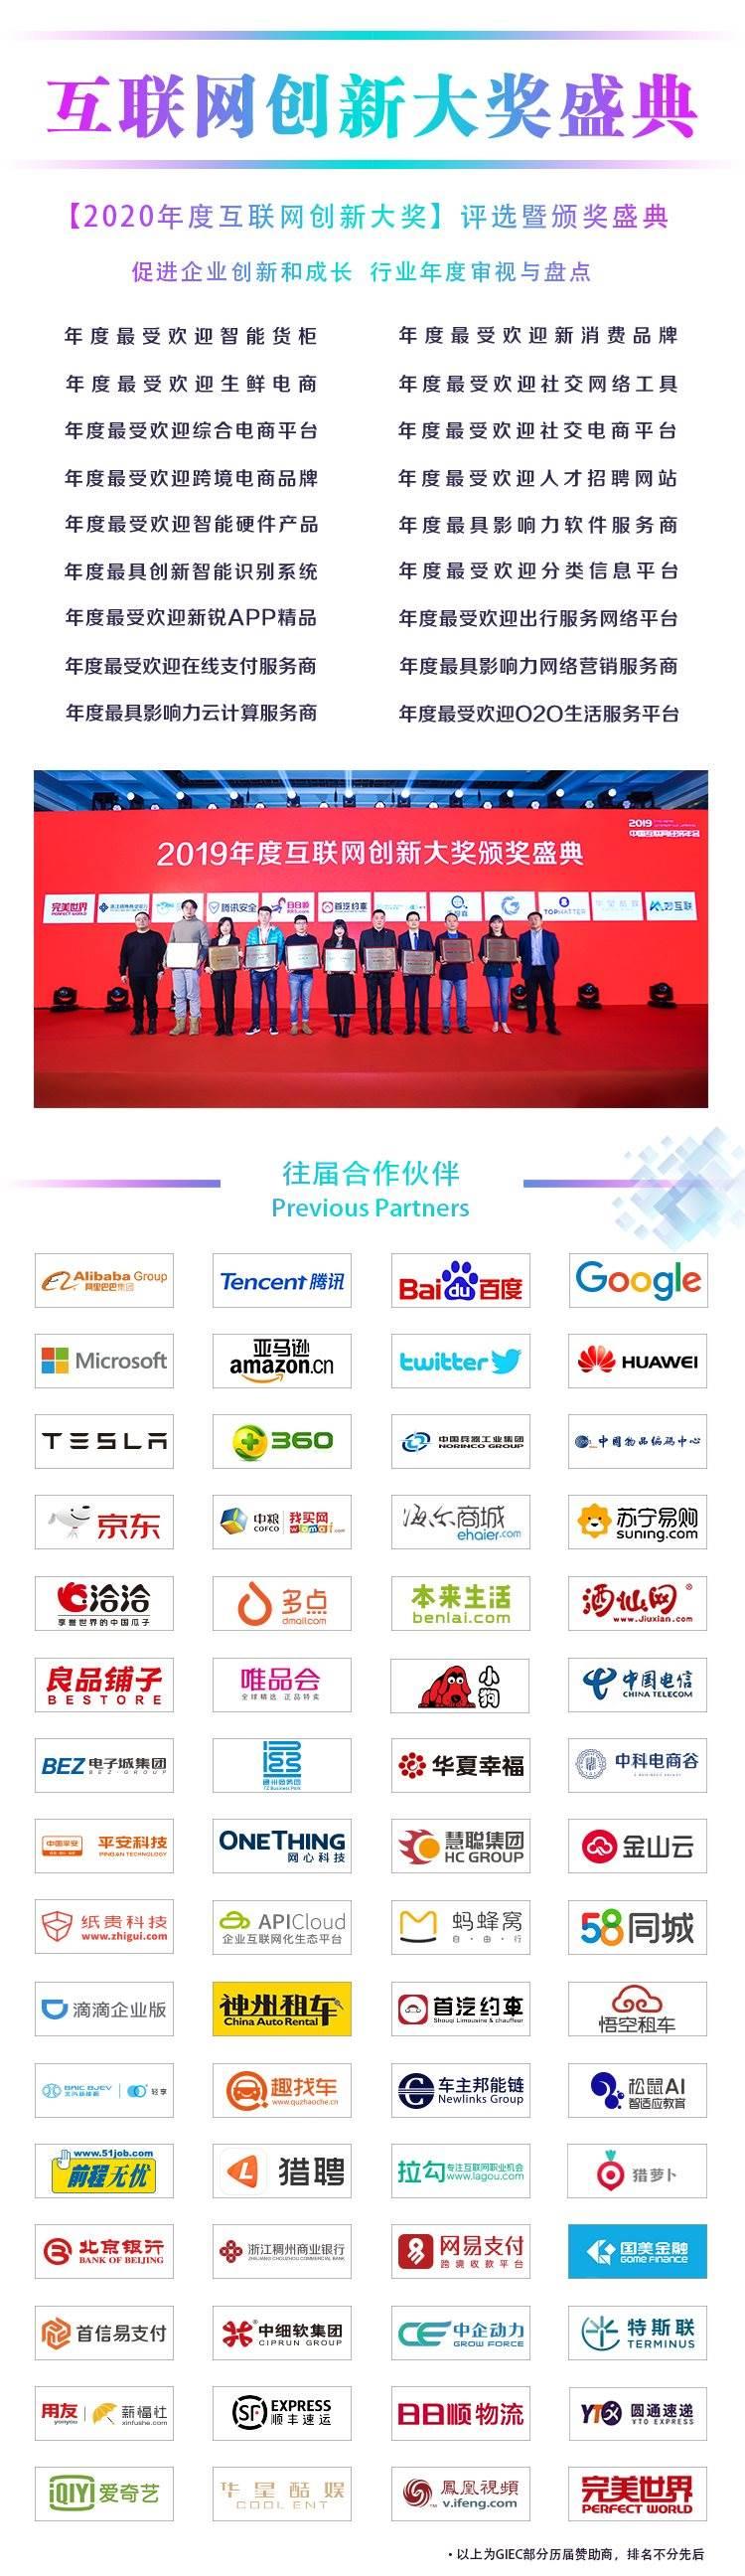 2020中国互联网经济年会3.png